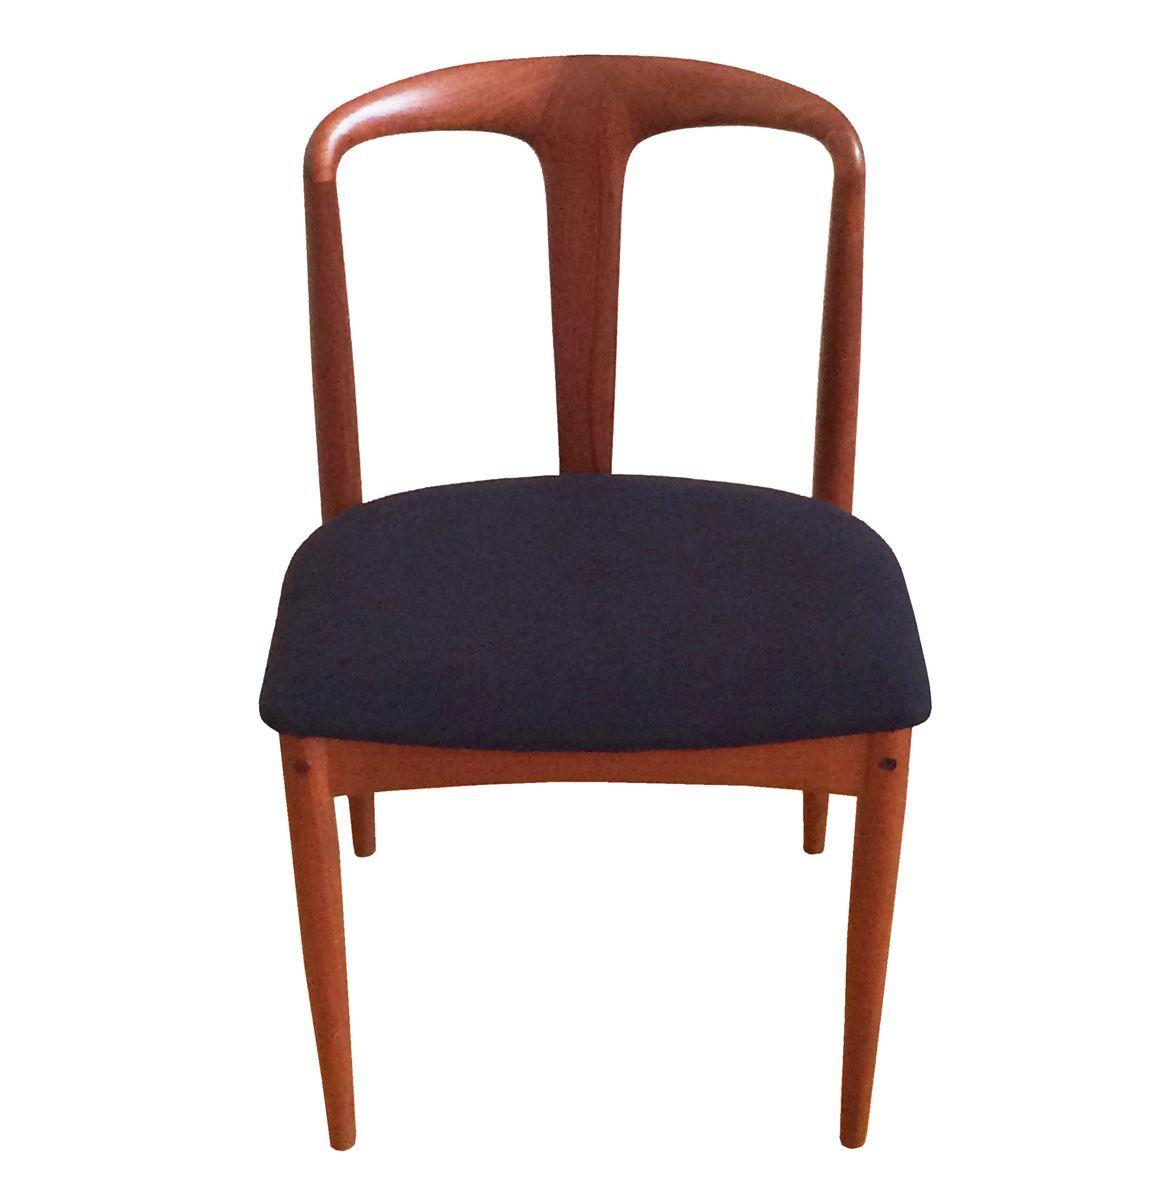 d nischer teakholz juliane stuhl von johannes andersen f r uldum 1960er bei pamono kaufen. Black Bedroom Furniture Sets. Home Design Ideas